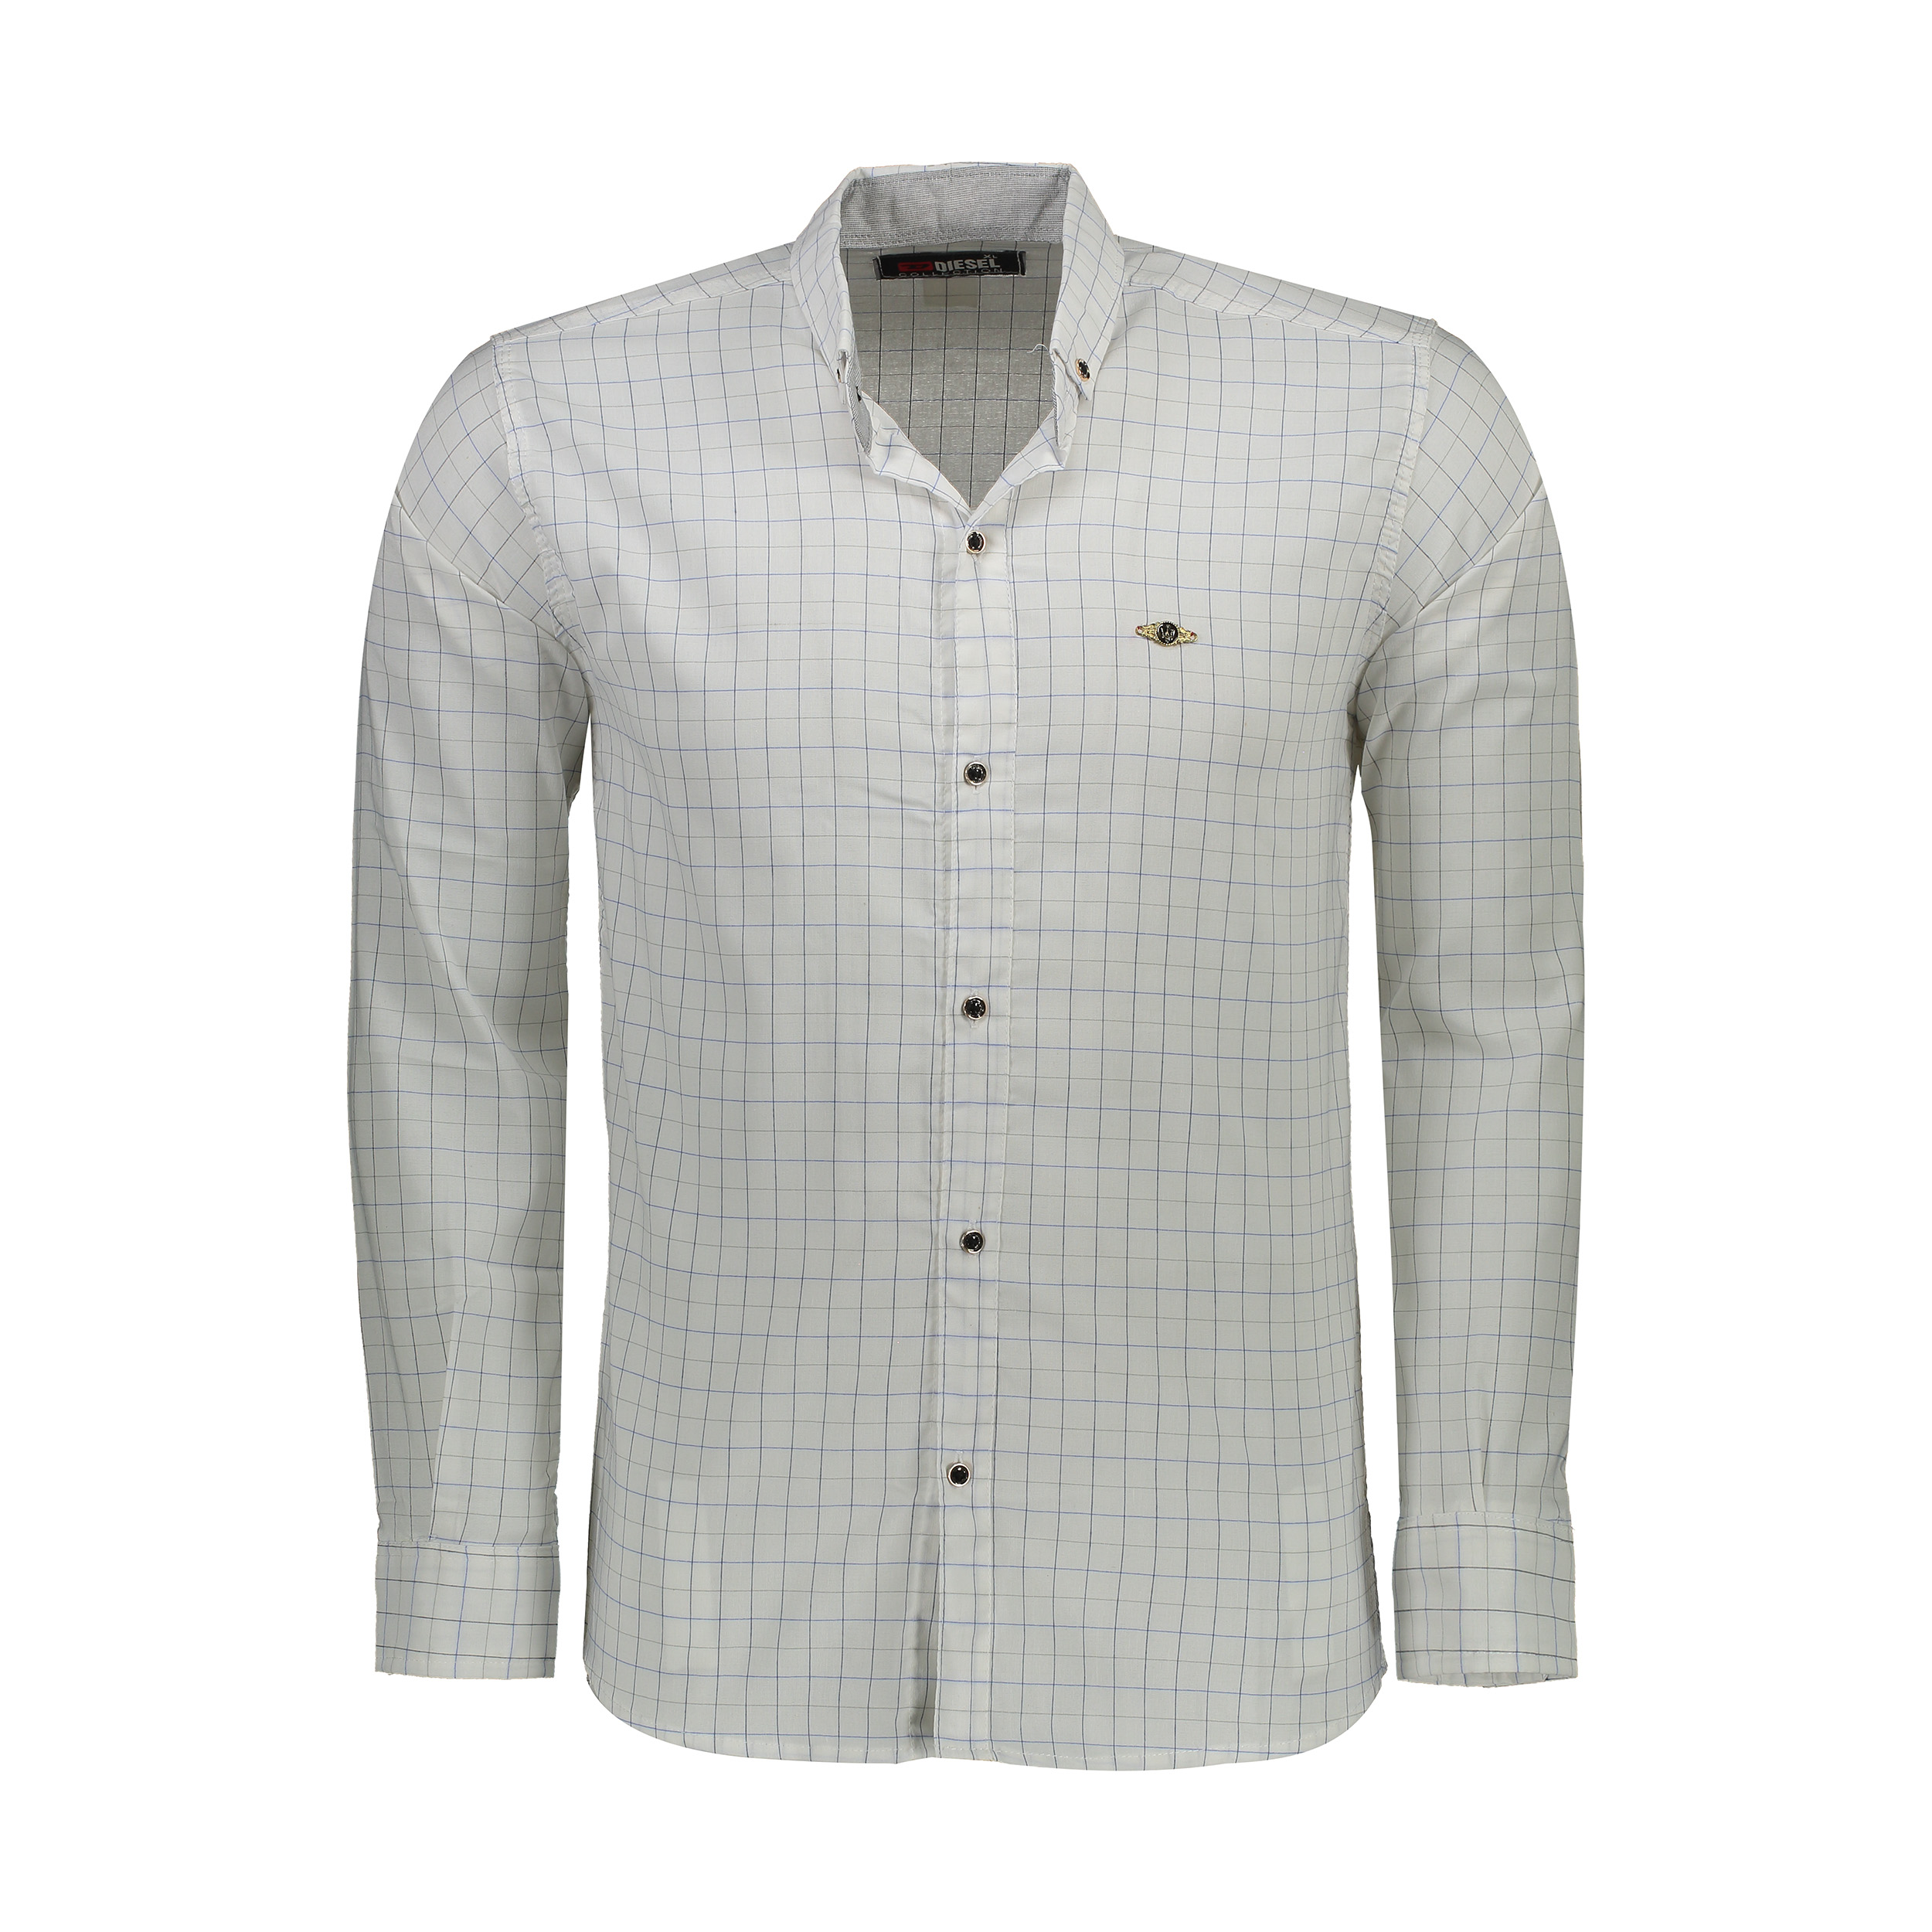 پیراهن مردانه مدل P.baz.204